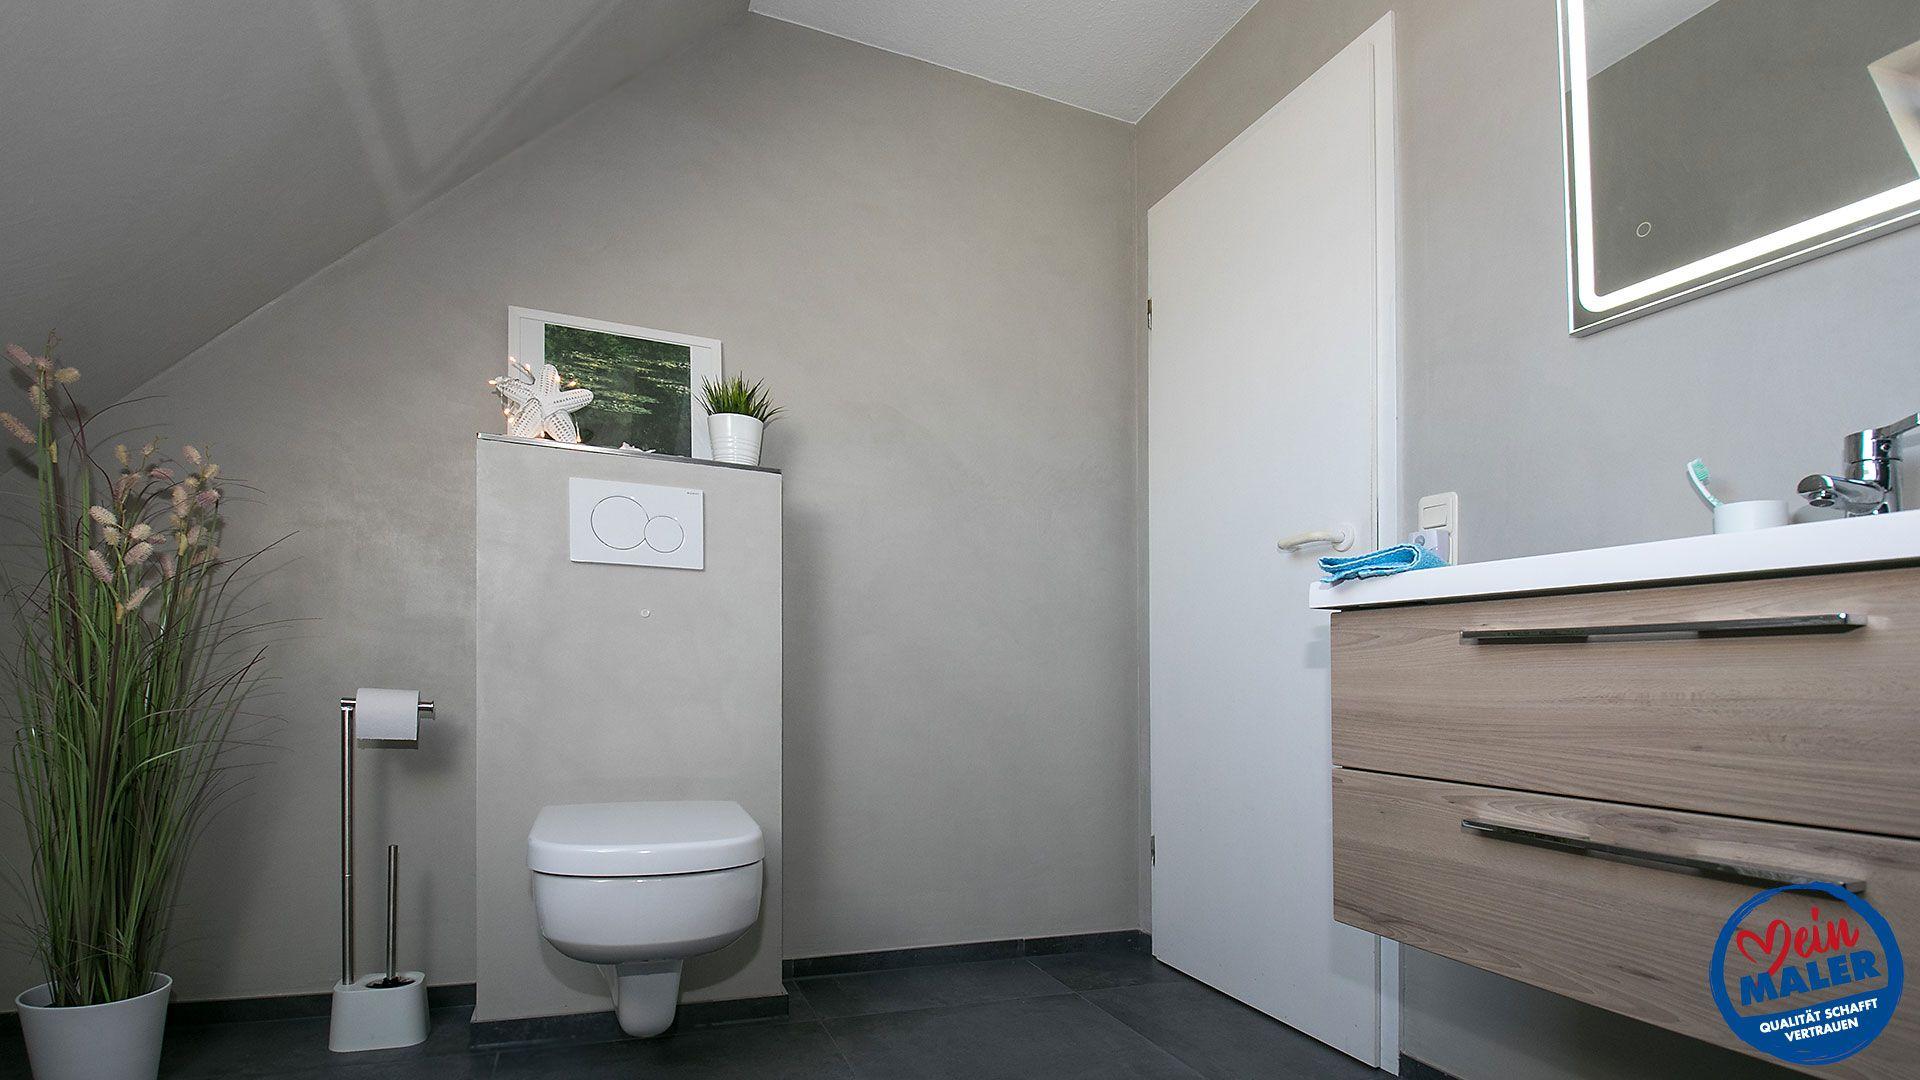 Badsanierung In Oldenburg Vom Standardbad Zur Wohlfuhloase In 2020 Badezimmer Fussboden Neues Badezimmer Badsanierung